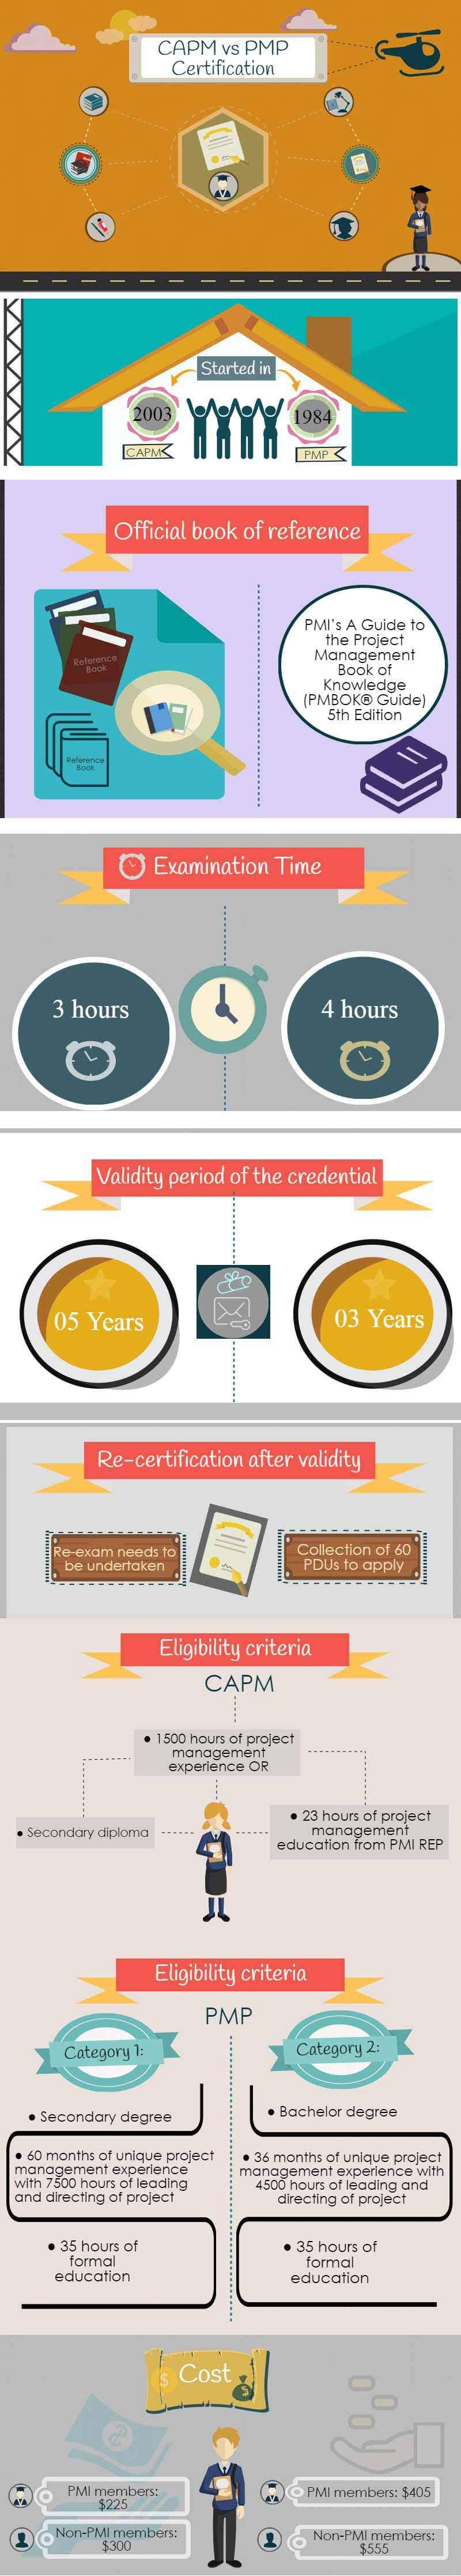 CAPM vs PMP Certification